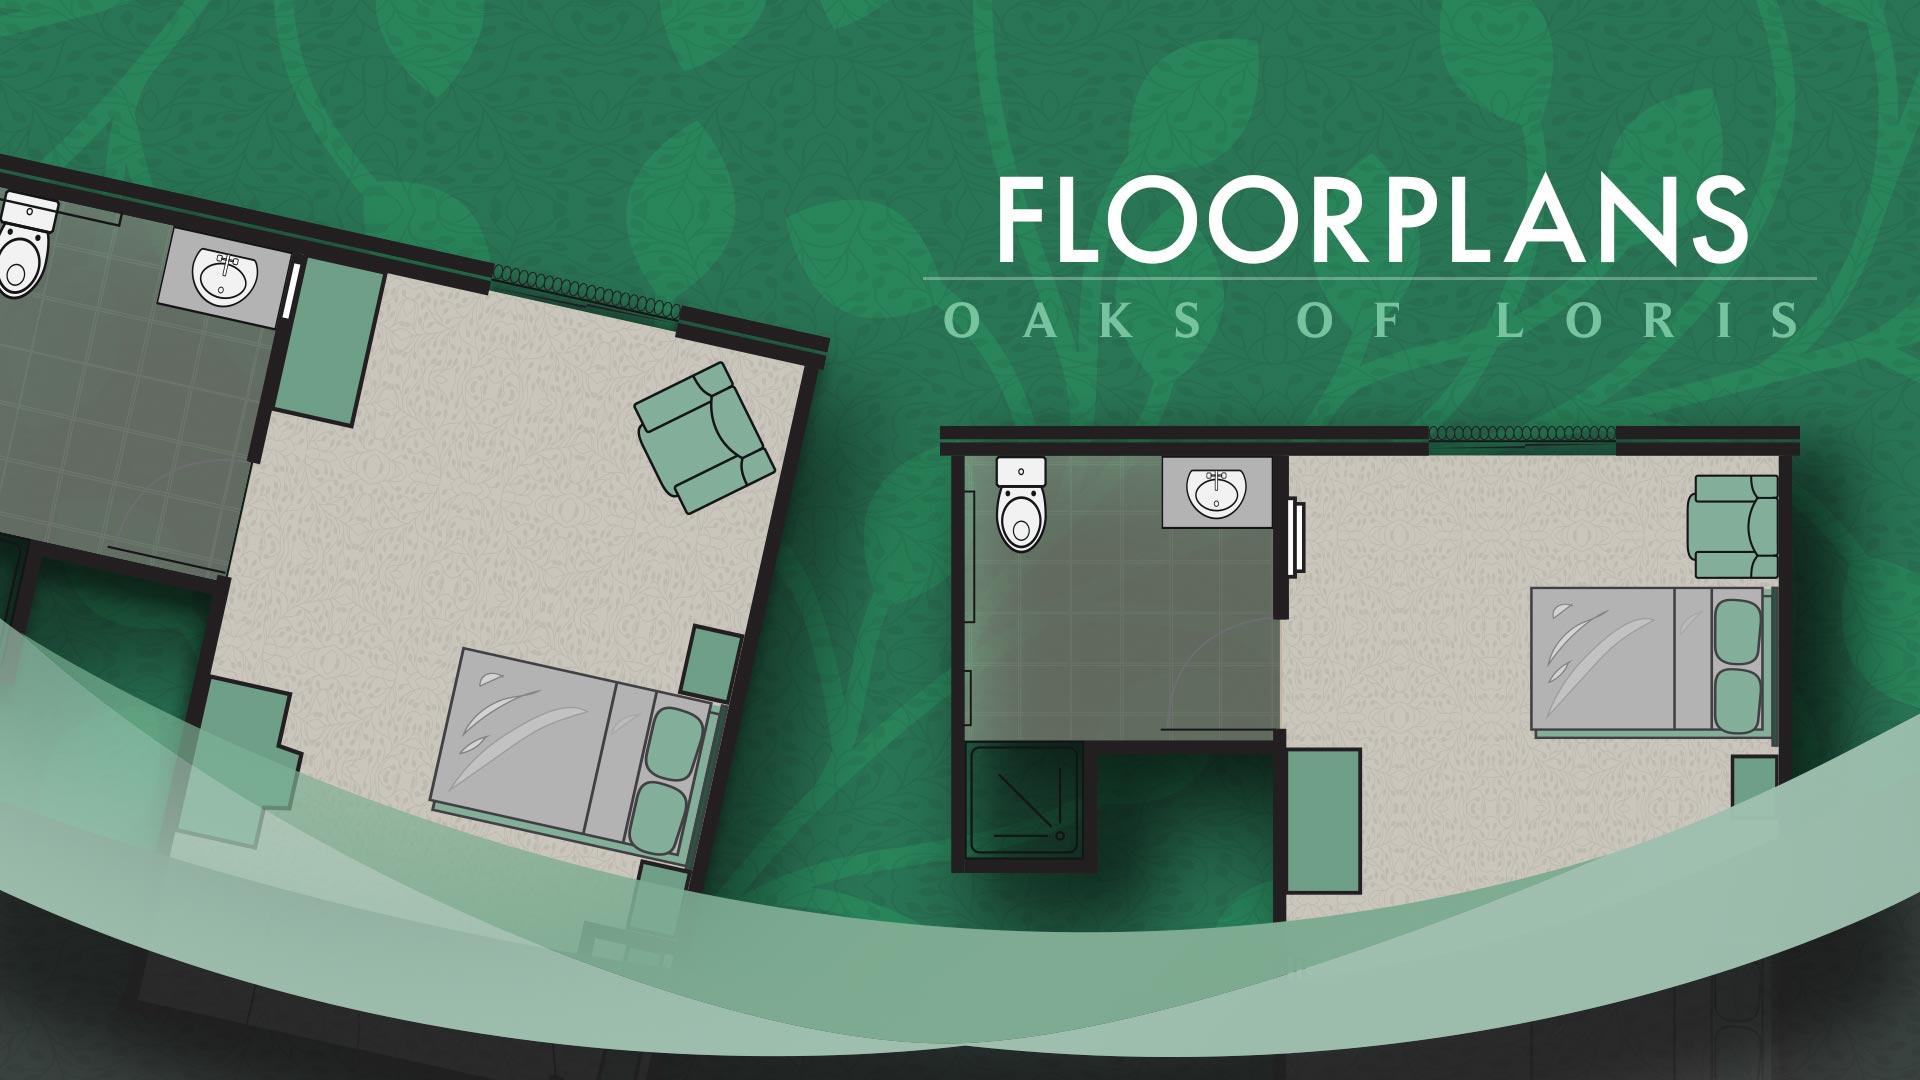 Floor_Plans_Oaks-of-loris_v1_Thumnail.jpg